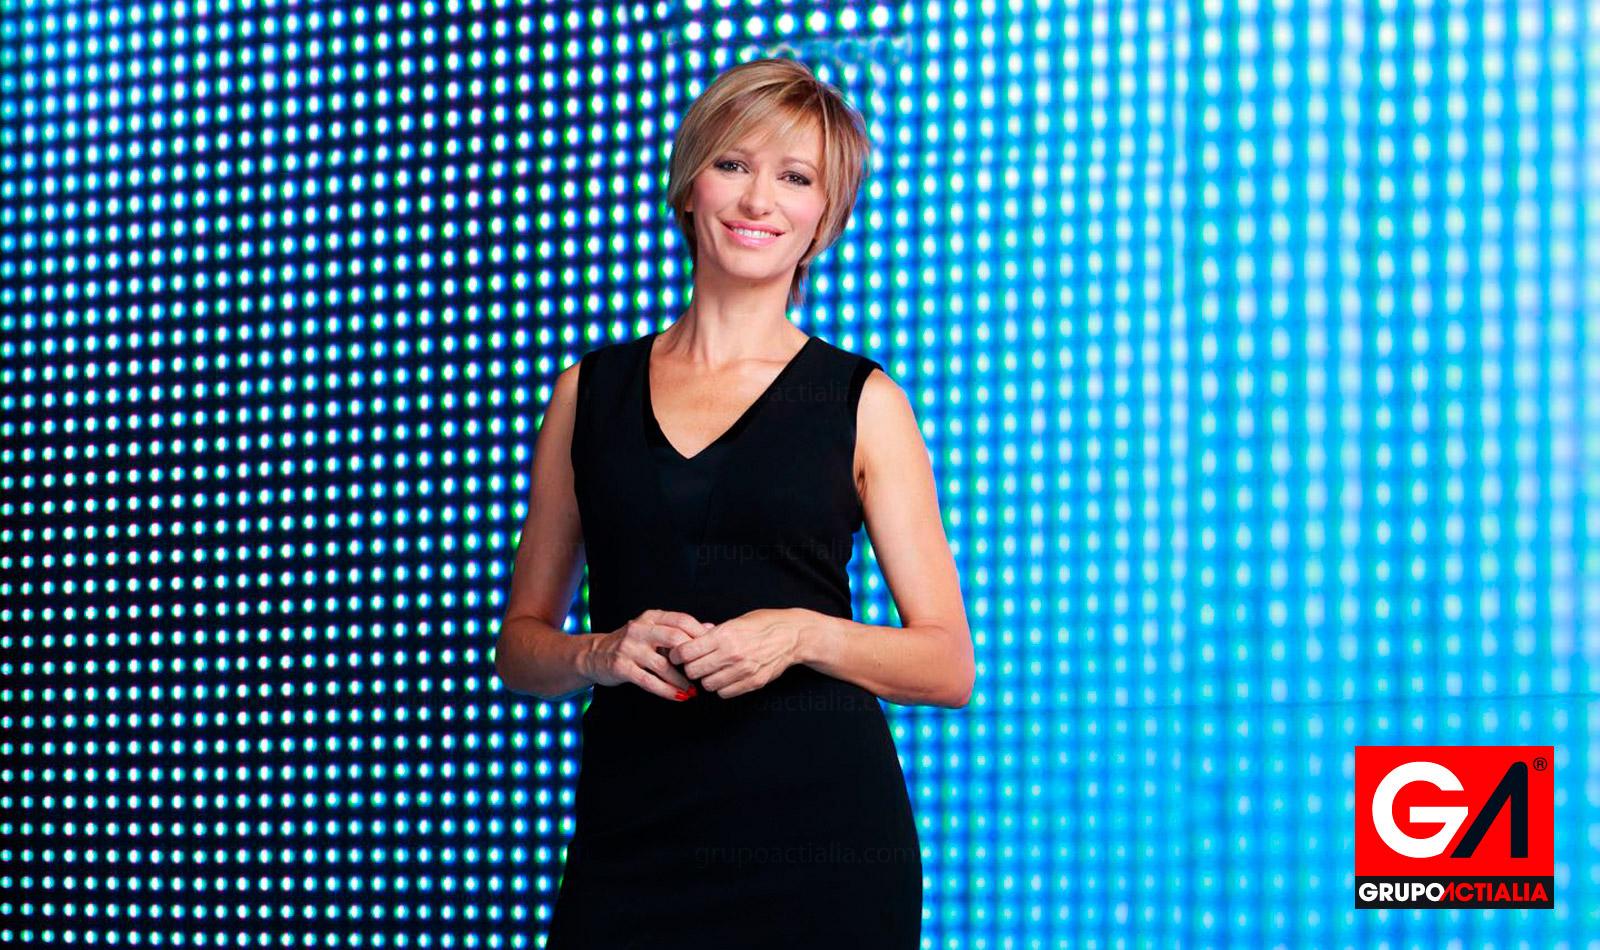 Susanna Griso, periodista y presentadora de televisión, participa en acción solidaria